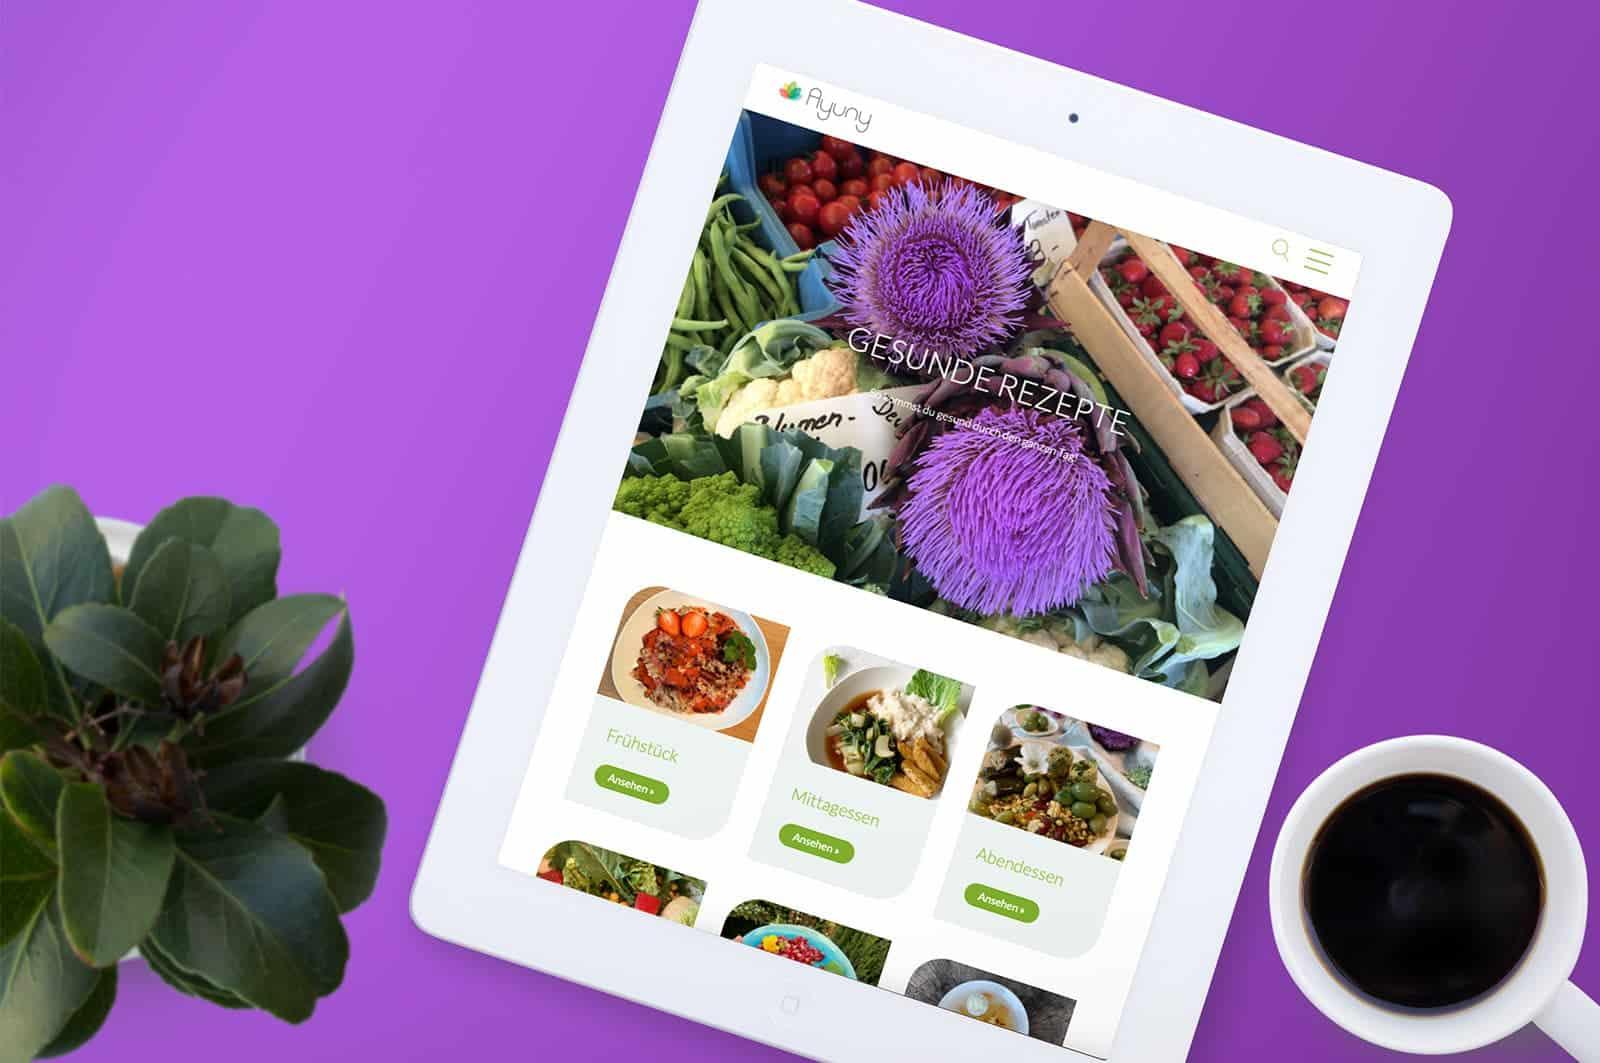 webdesign_ayuny_mockup